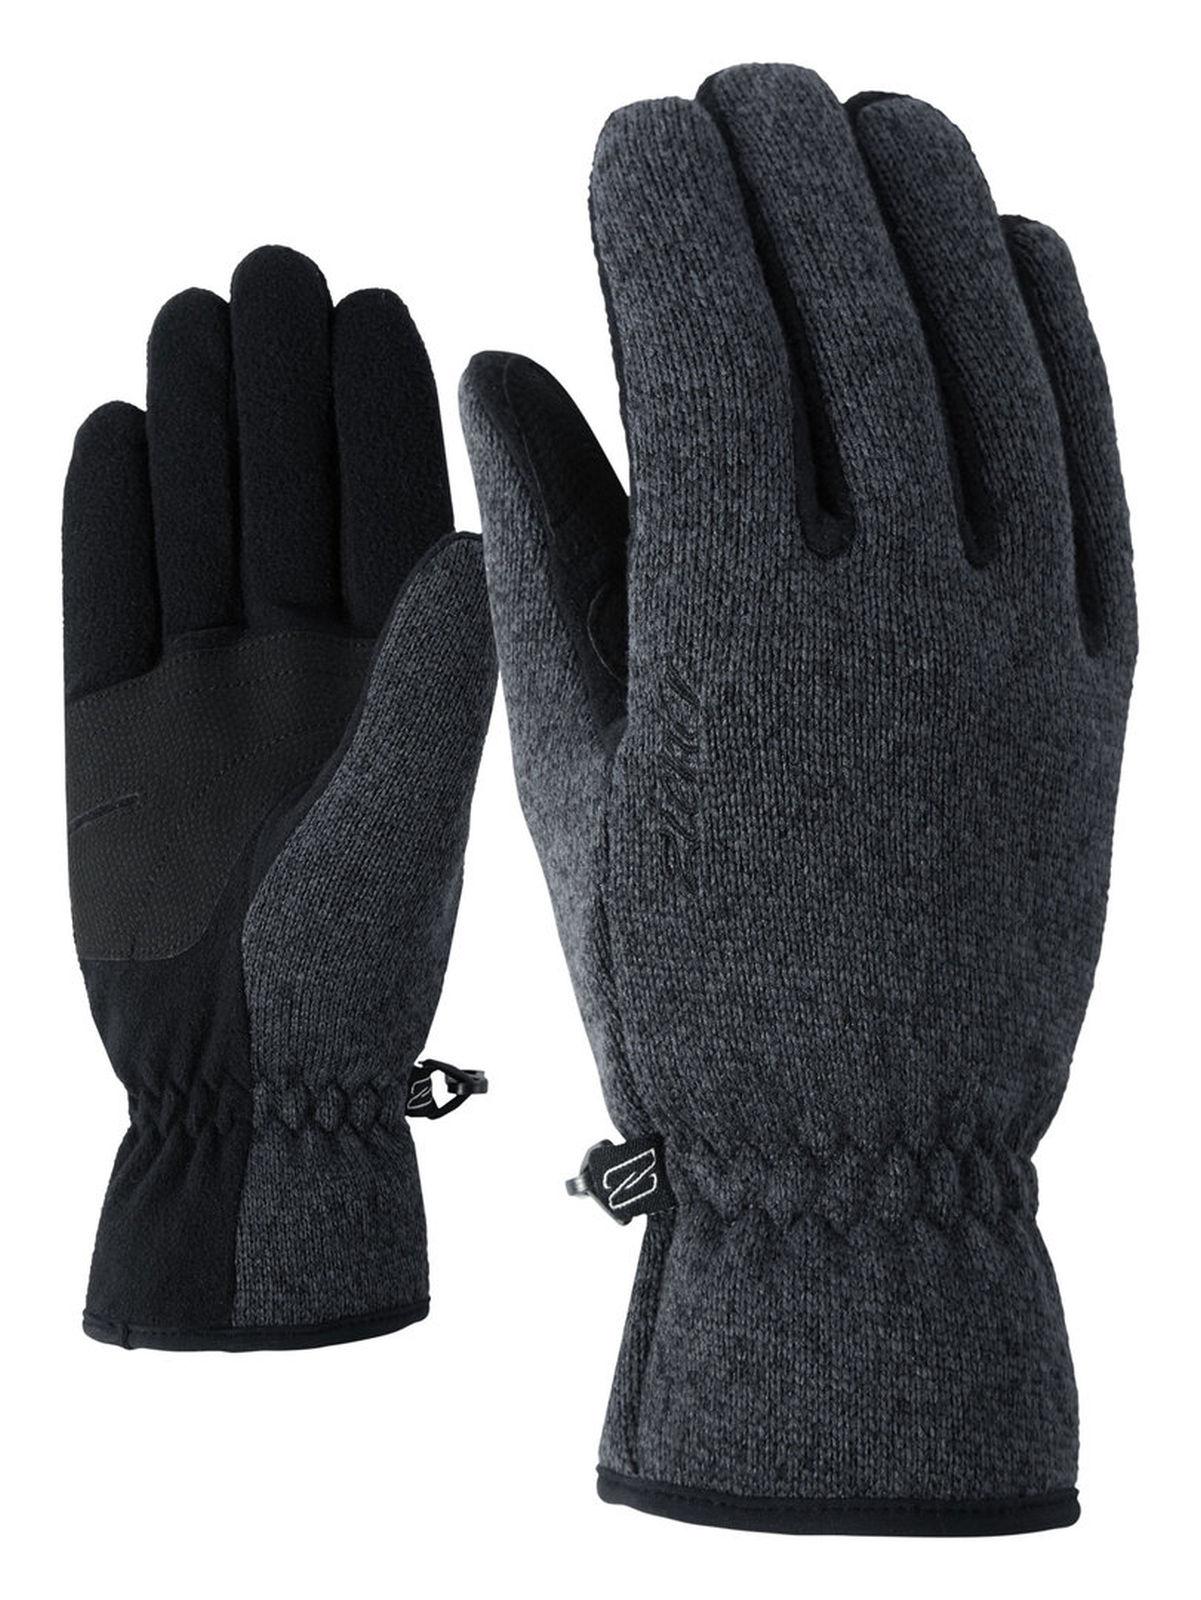 black melange Ziener Imagiana Lady glove